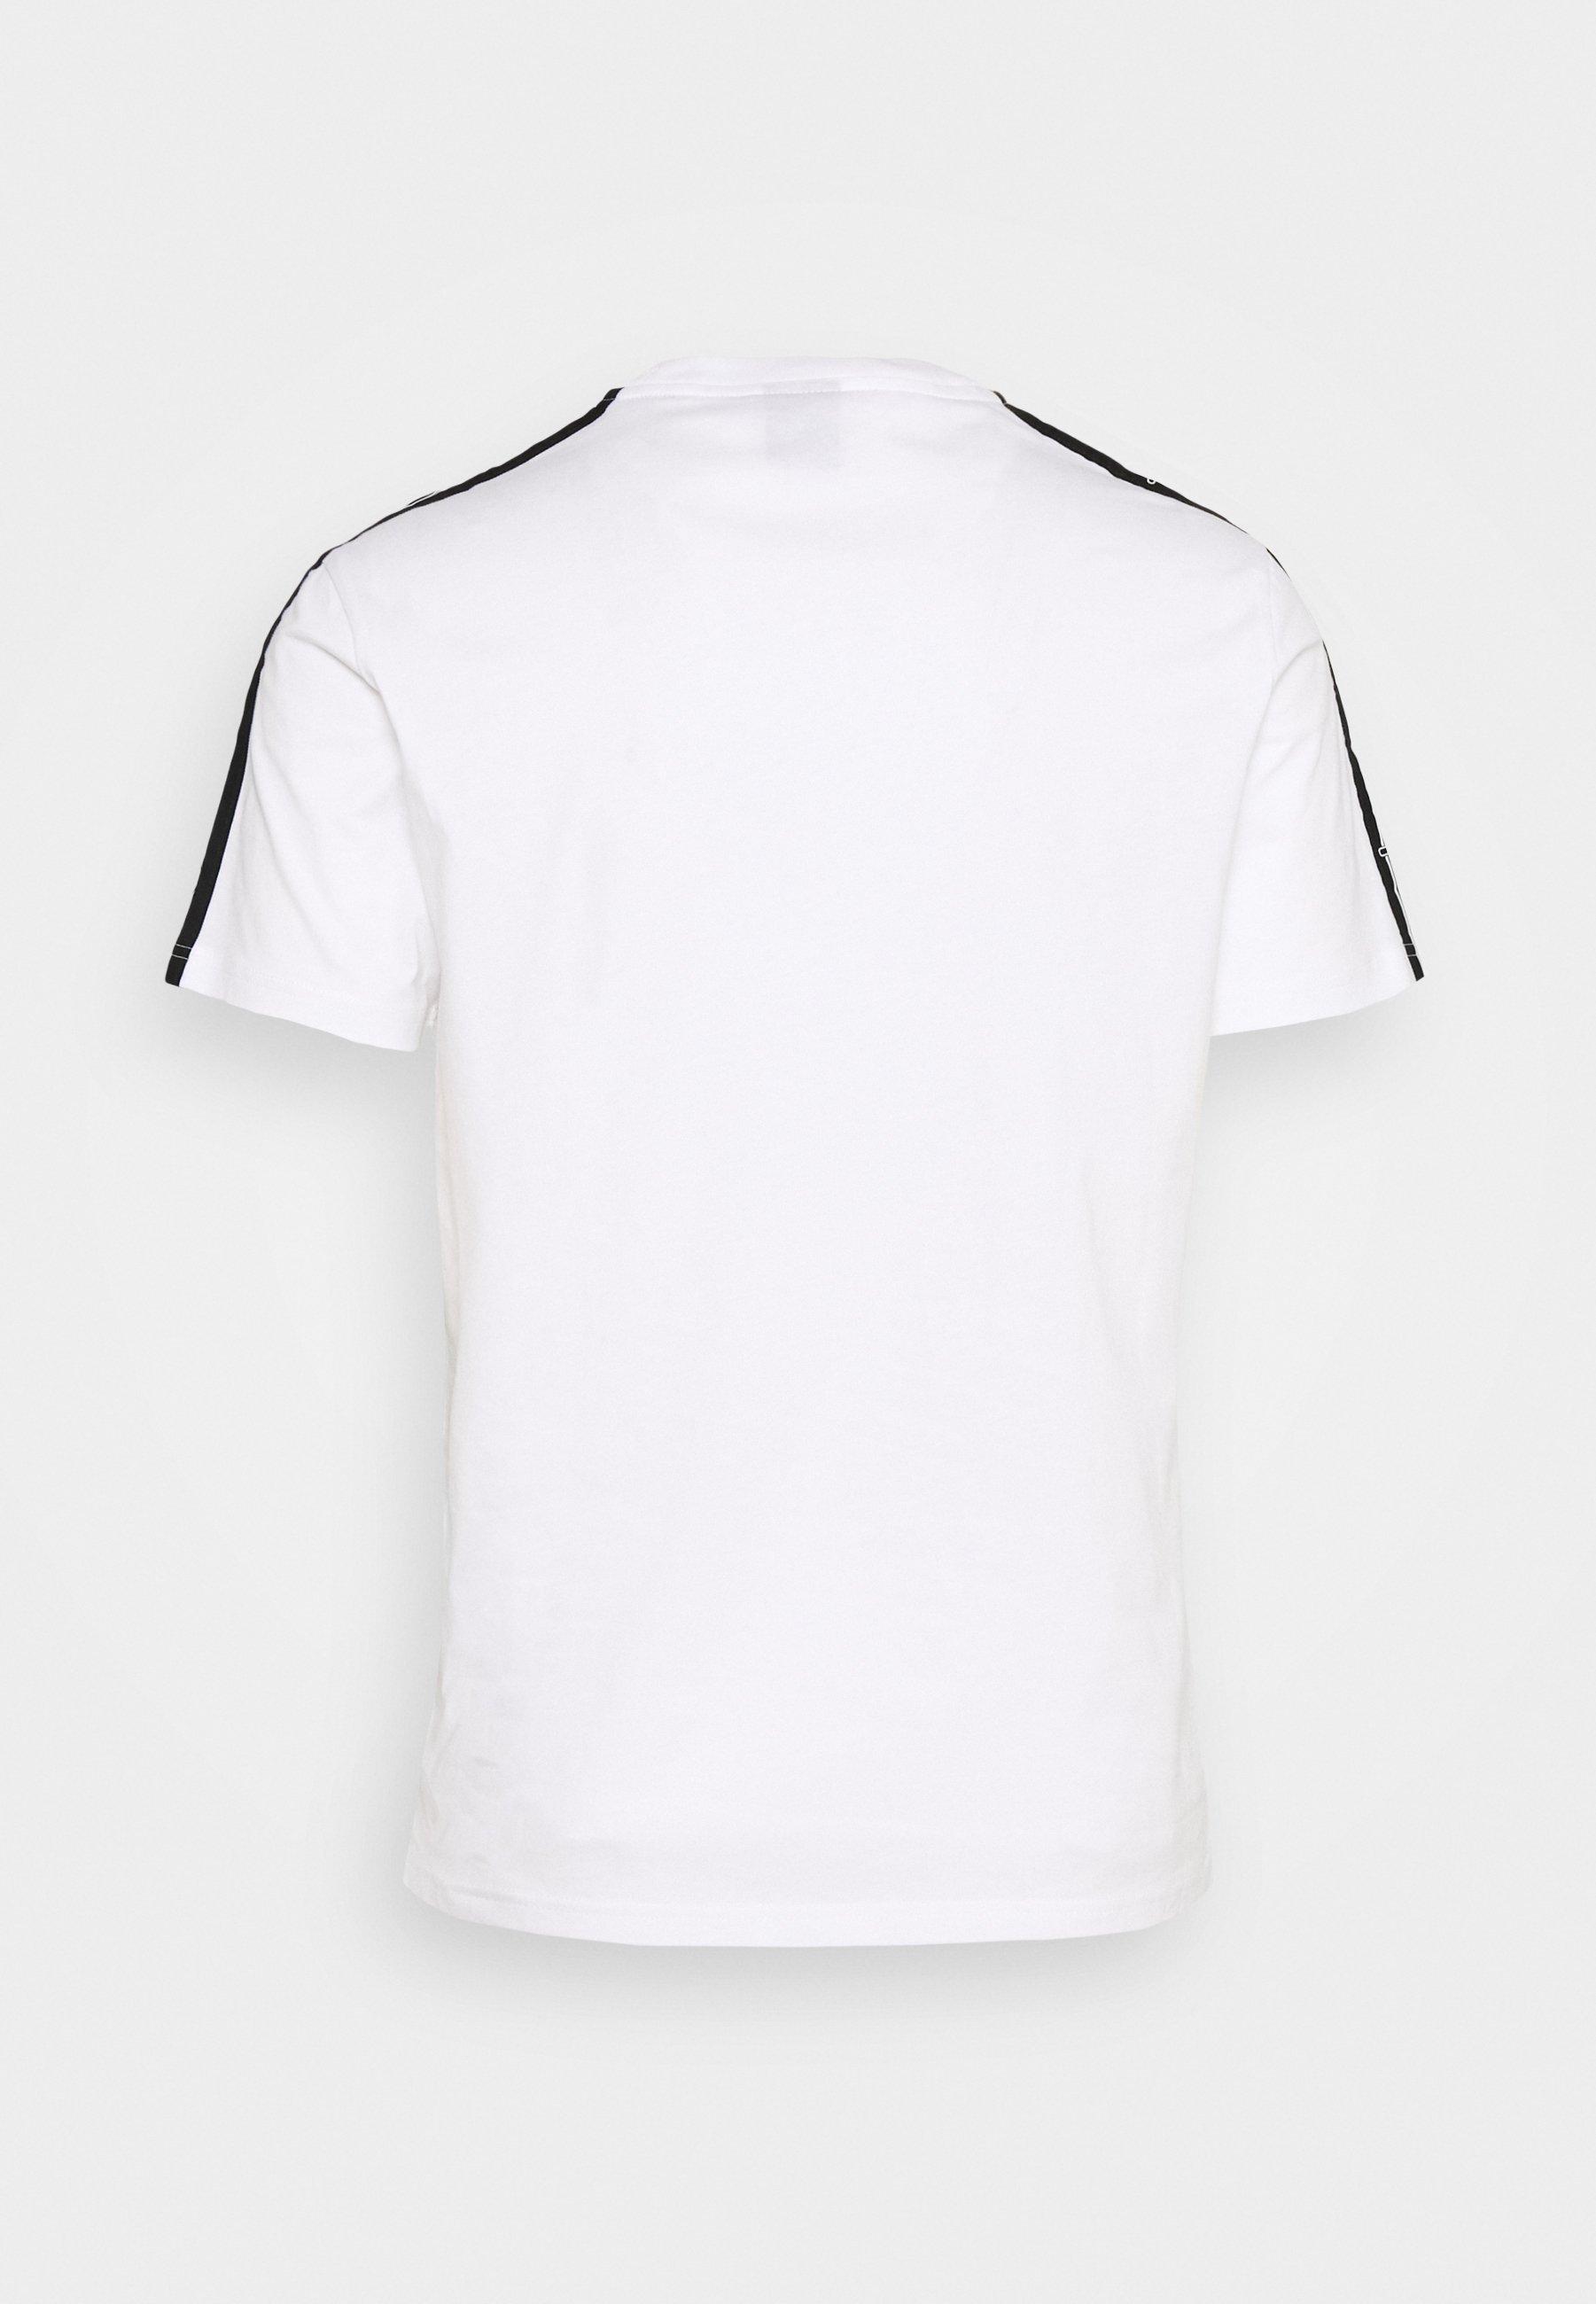 LEGACY TAPE CREWNECK T shirt imprimé white